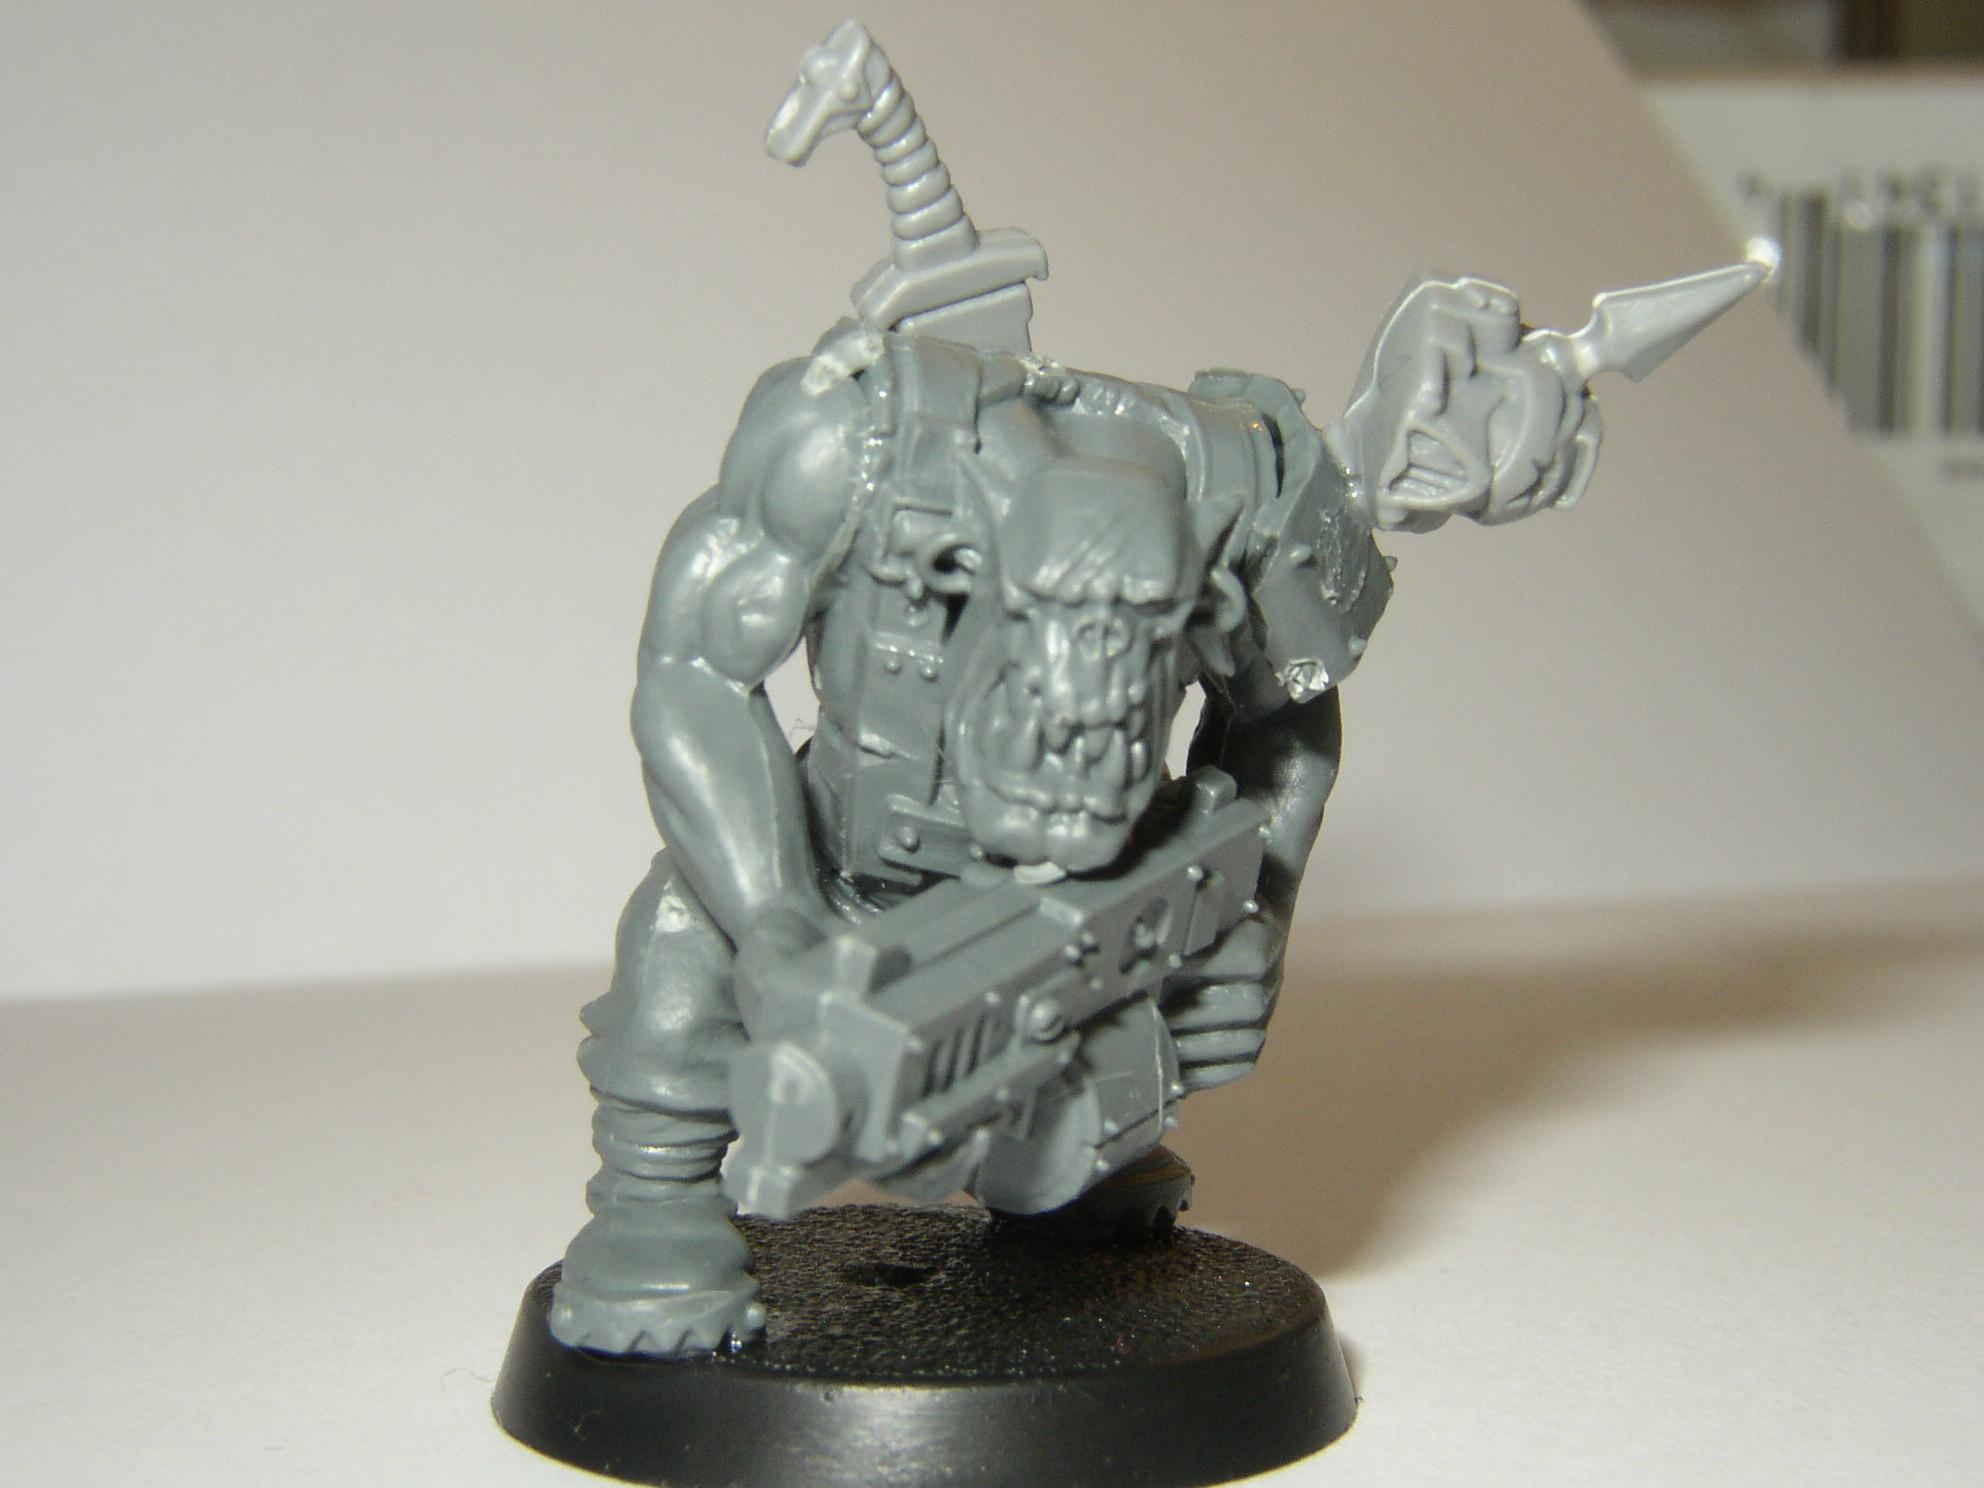 Orks, Warhammer 40,000, Work In Progress